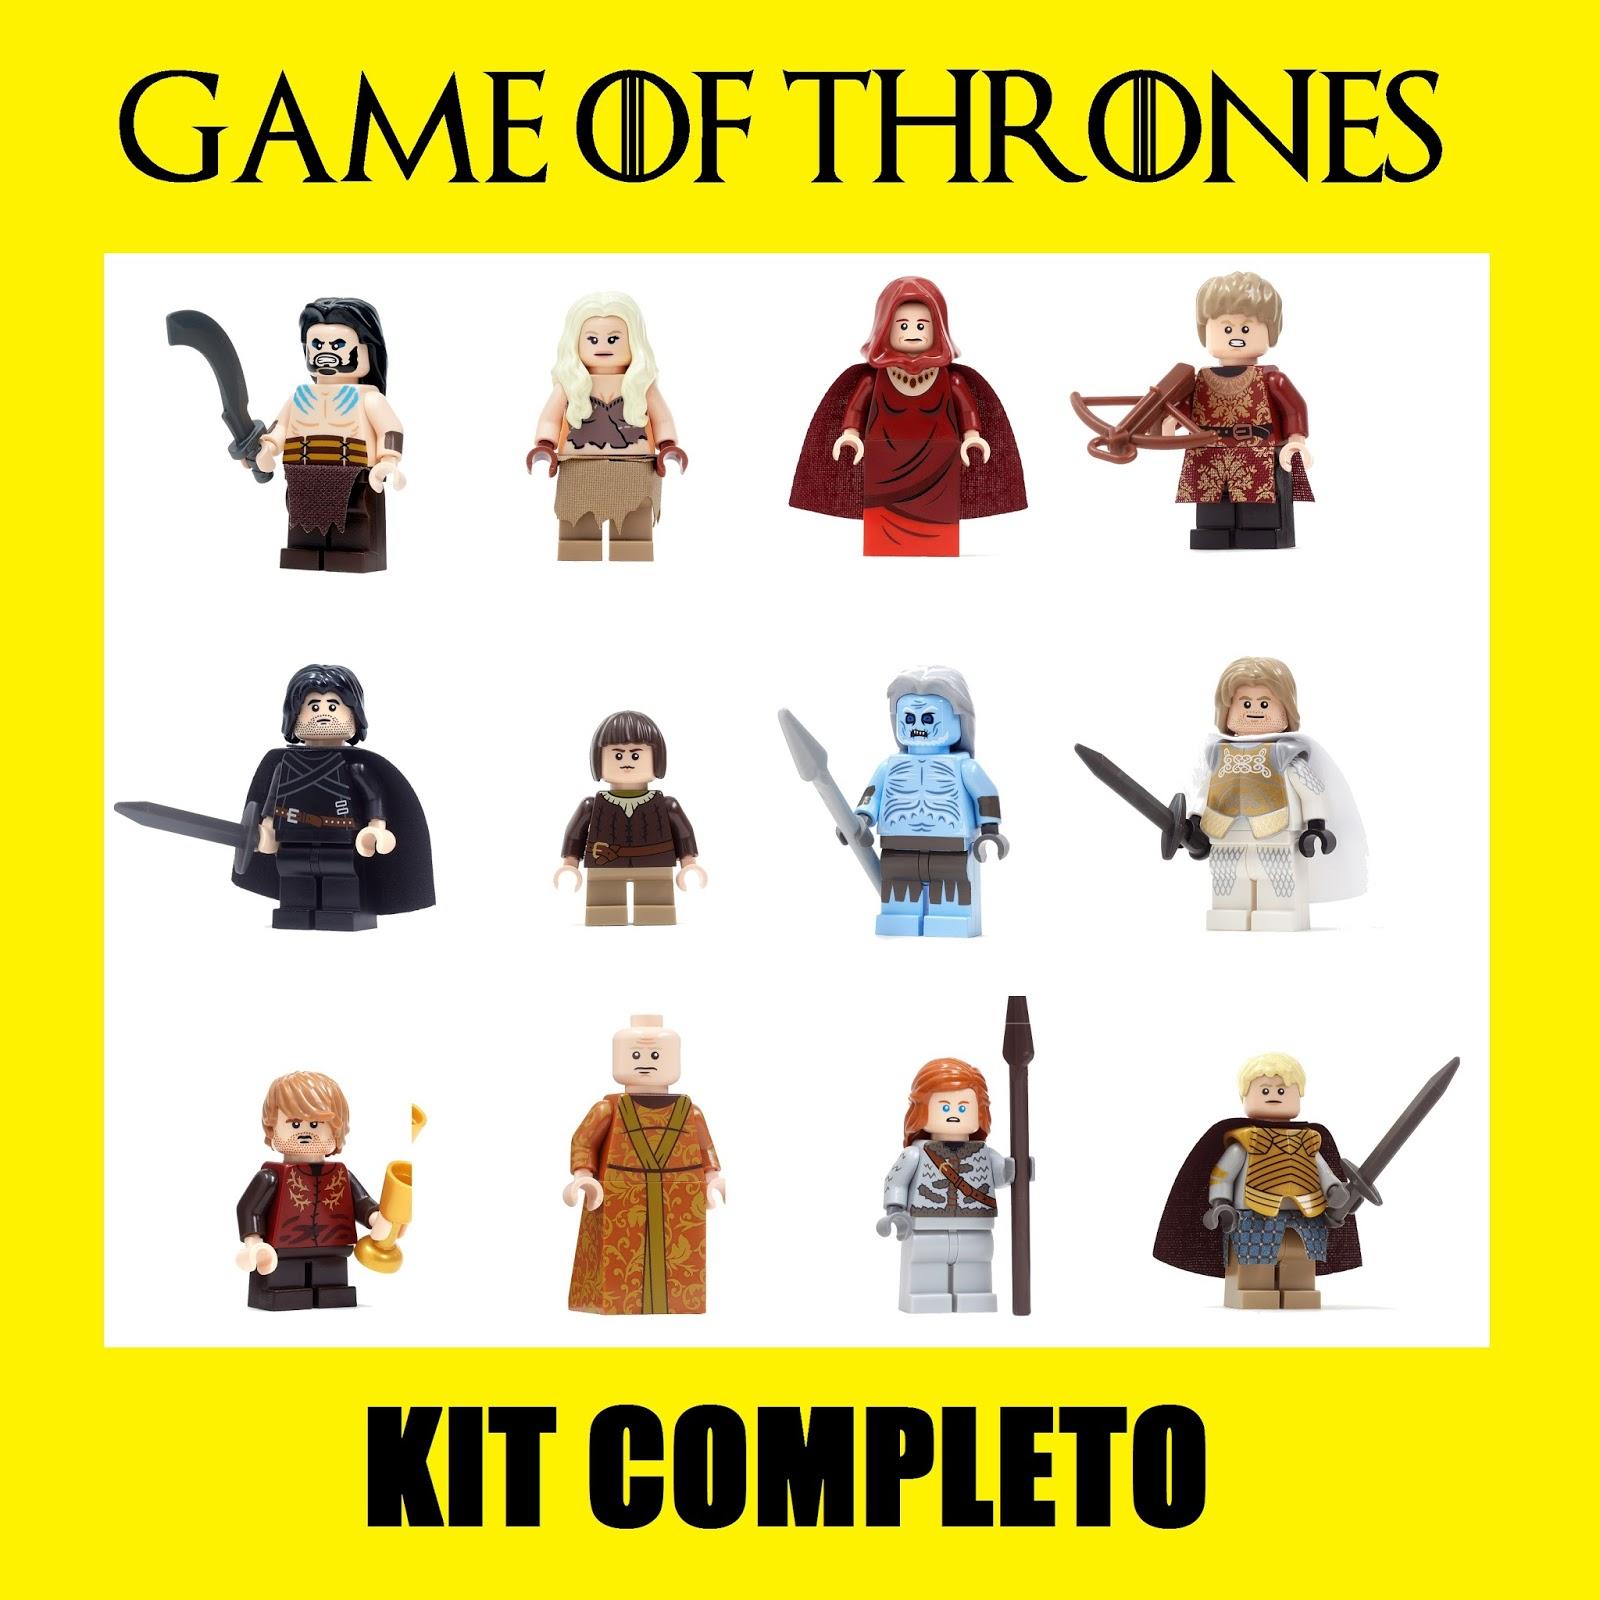 boneco lego game of thrones jon snow